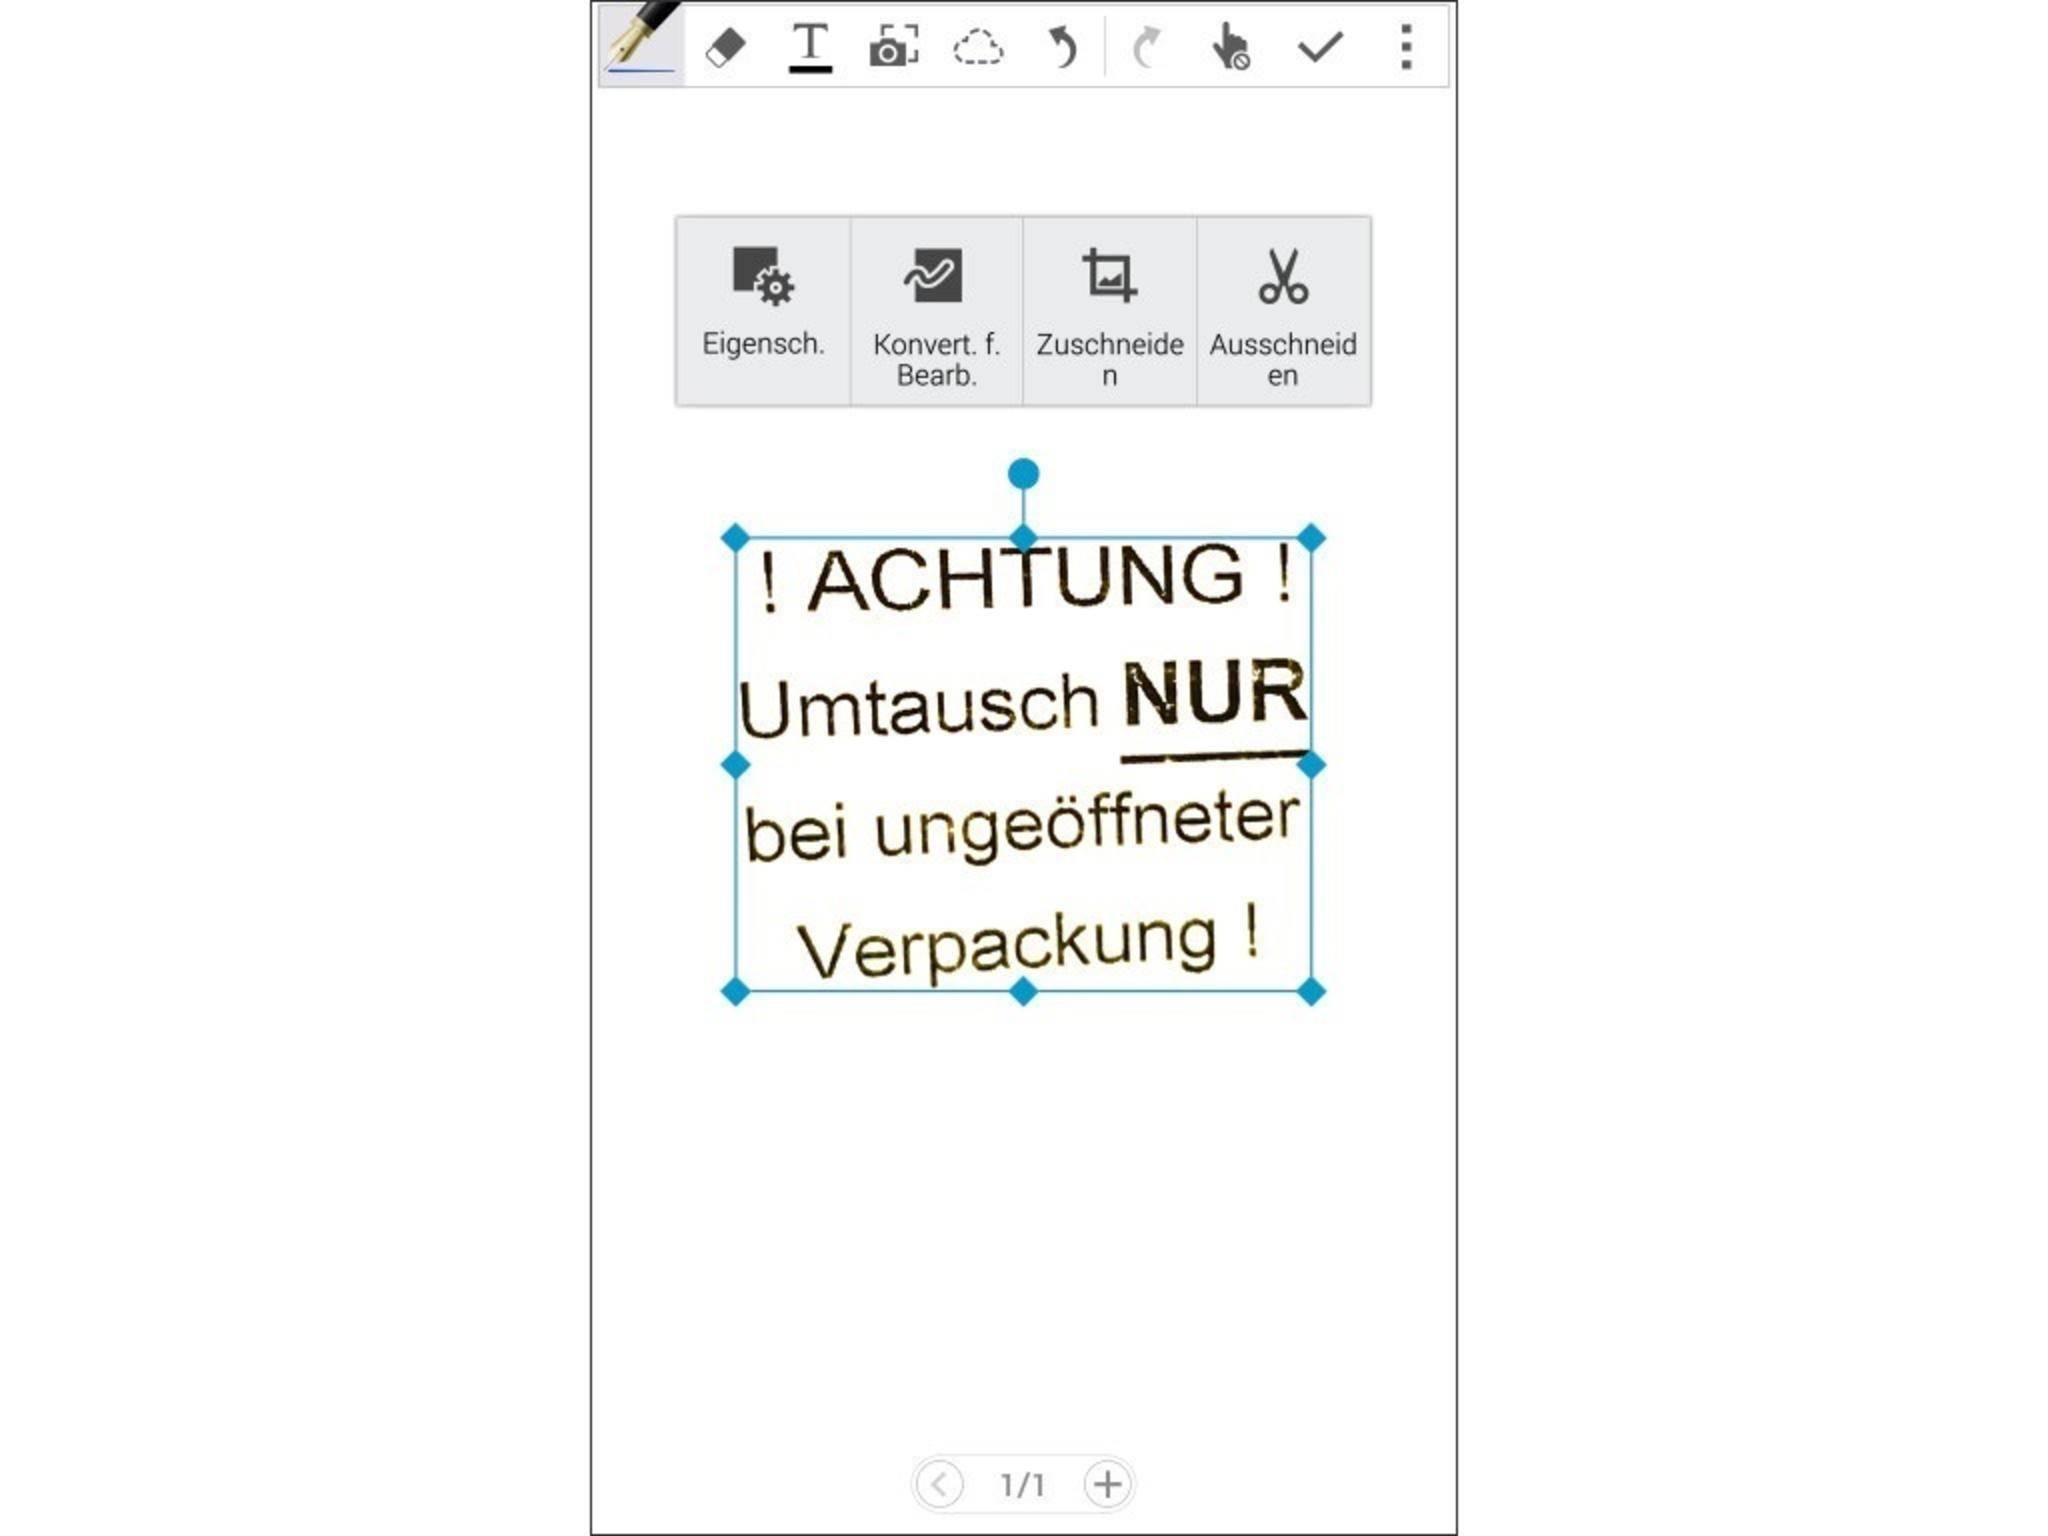 Nach dem Auslösen zeigt das Note 4 den Inhalt auf weißem Hintergrund an.